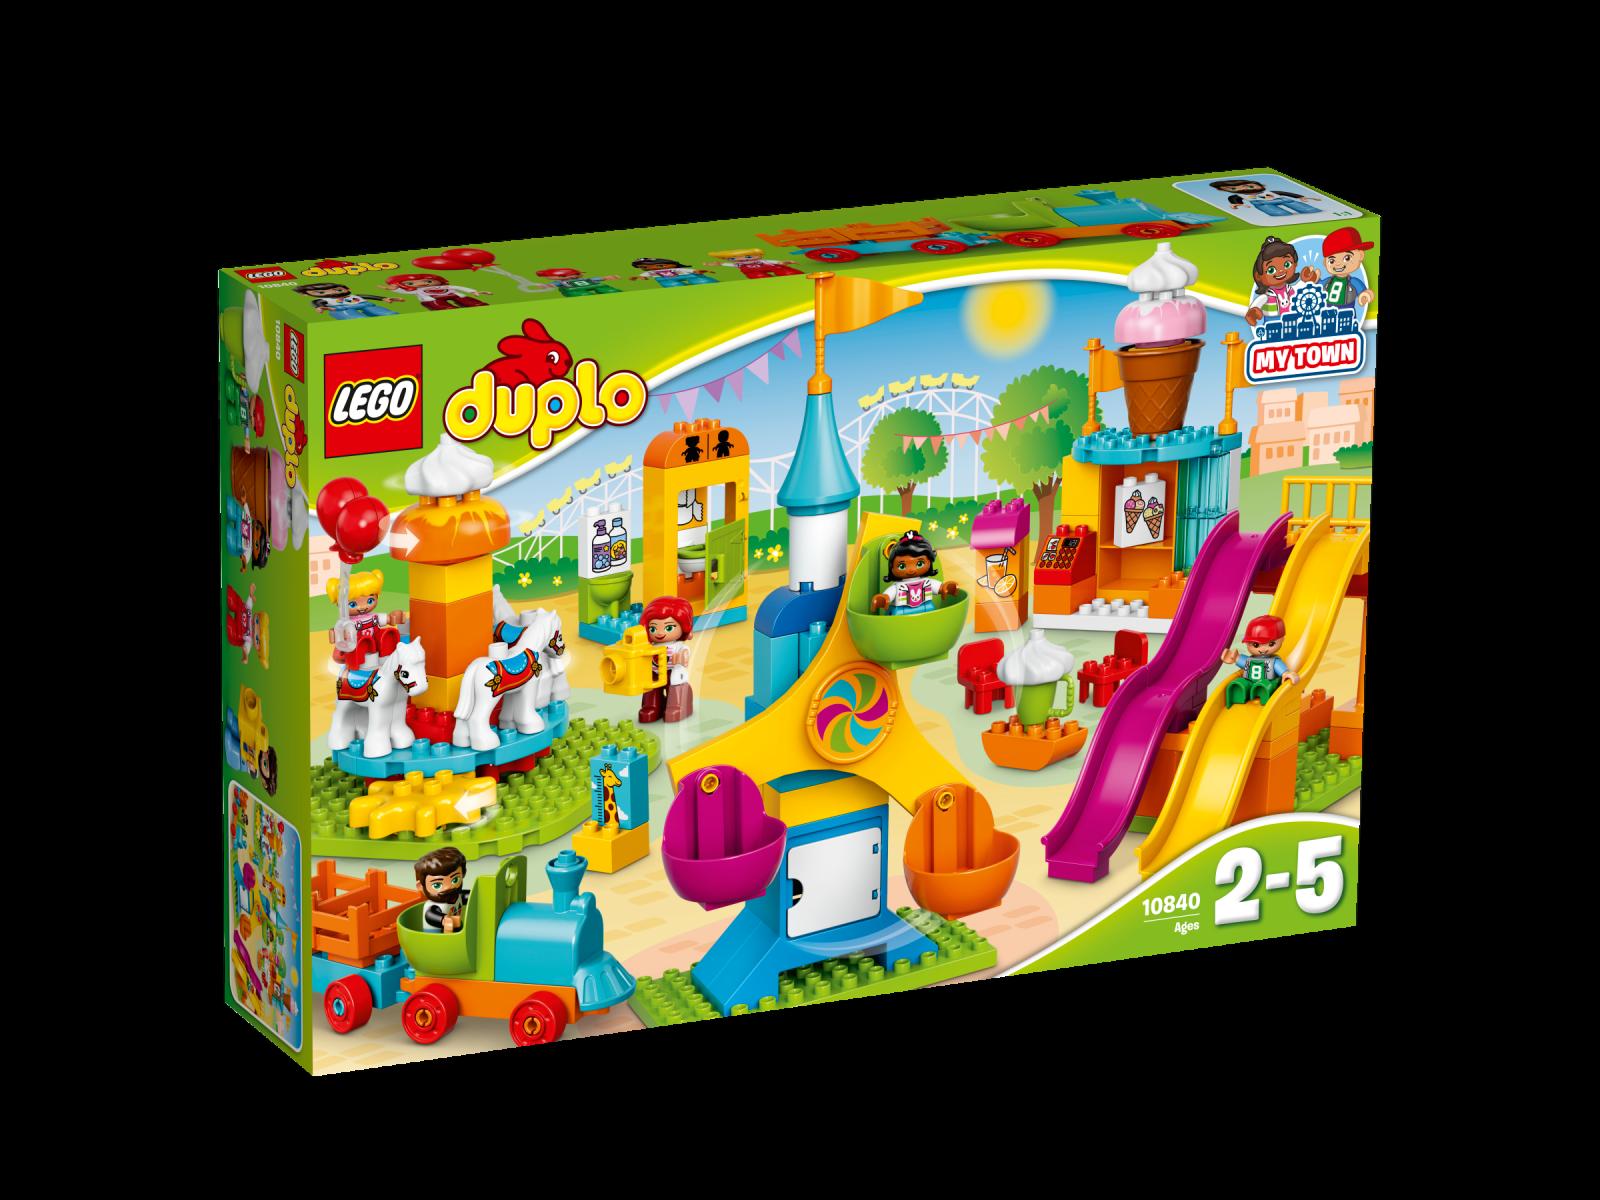 LEGO ® DUPLO ® 10840 grande fiera NUOVO OVP _ BIG Fair NEW MISB NRFB